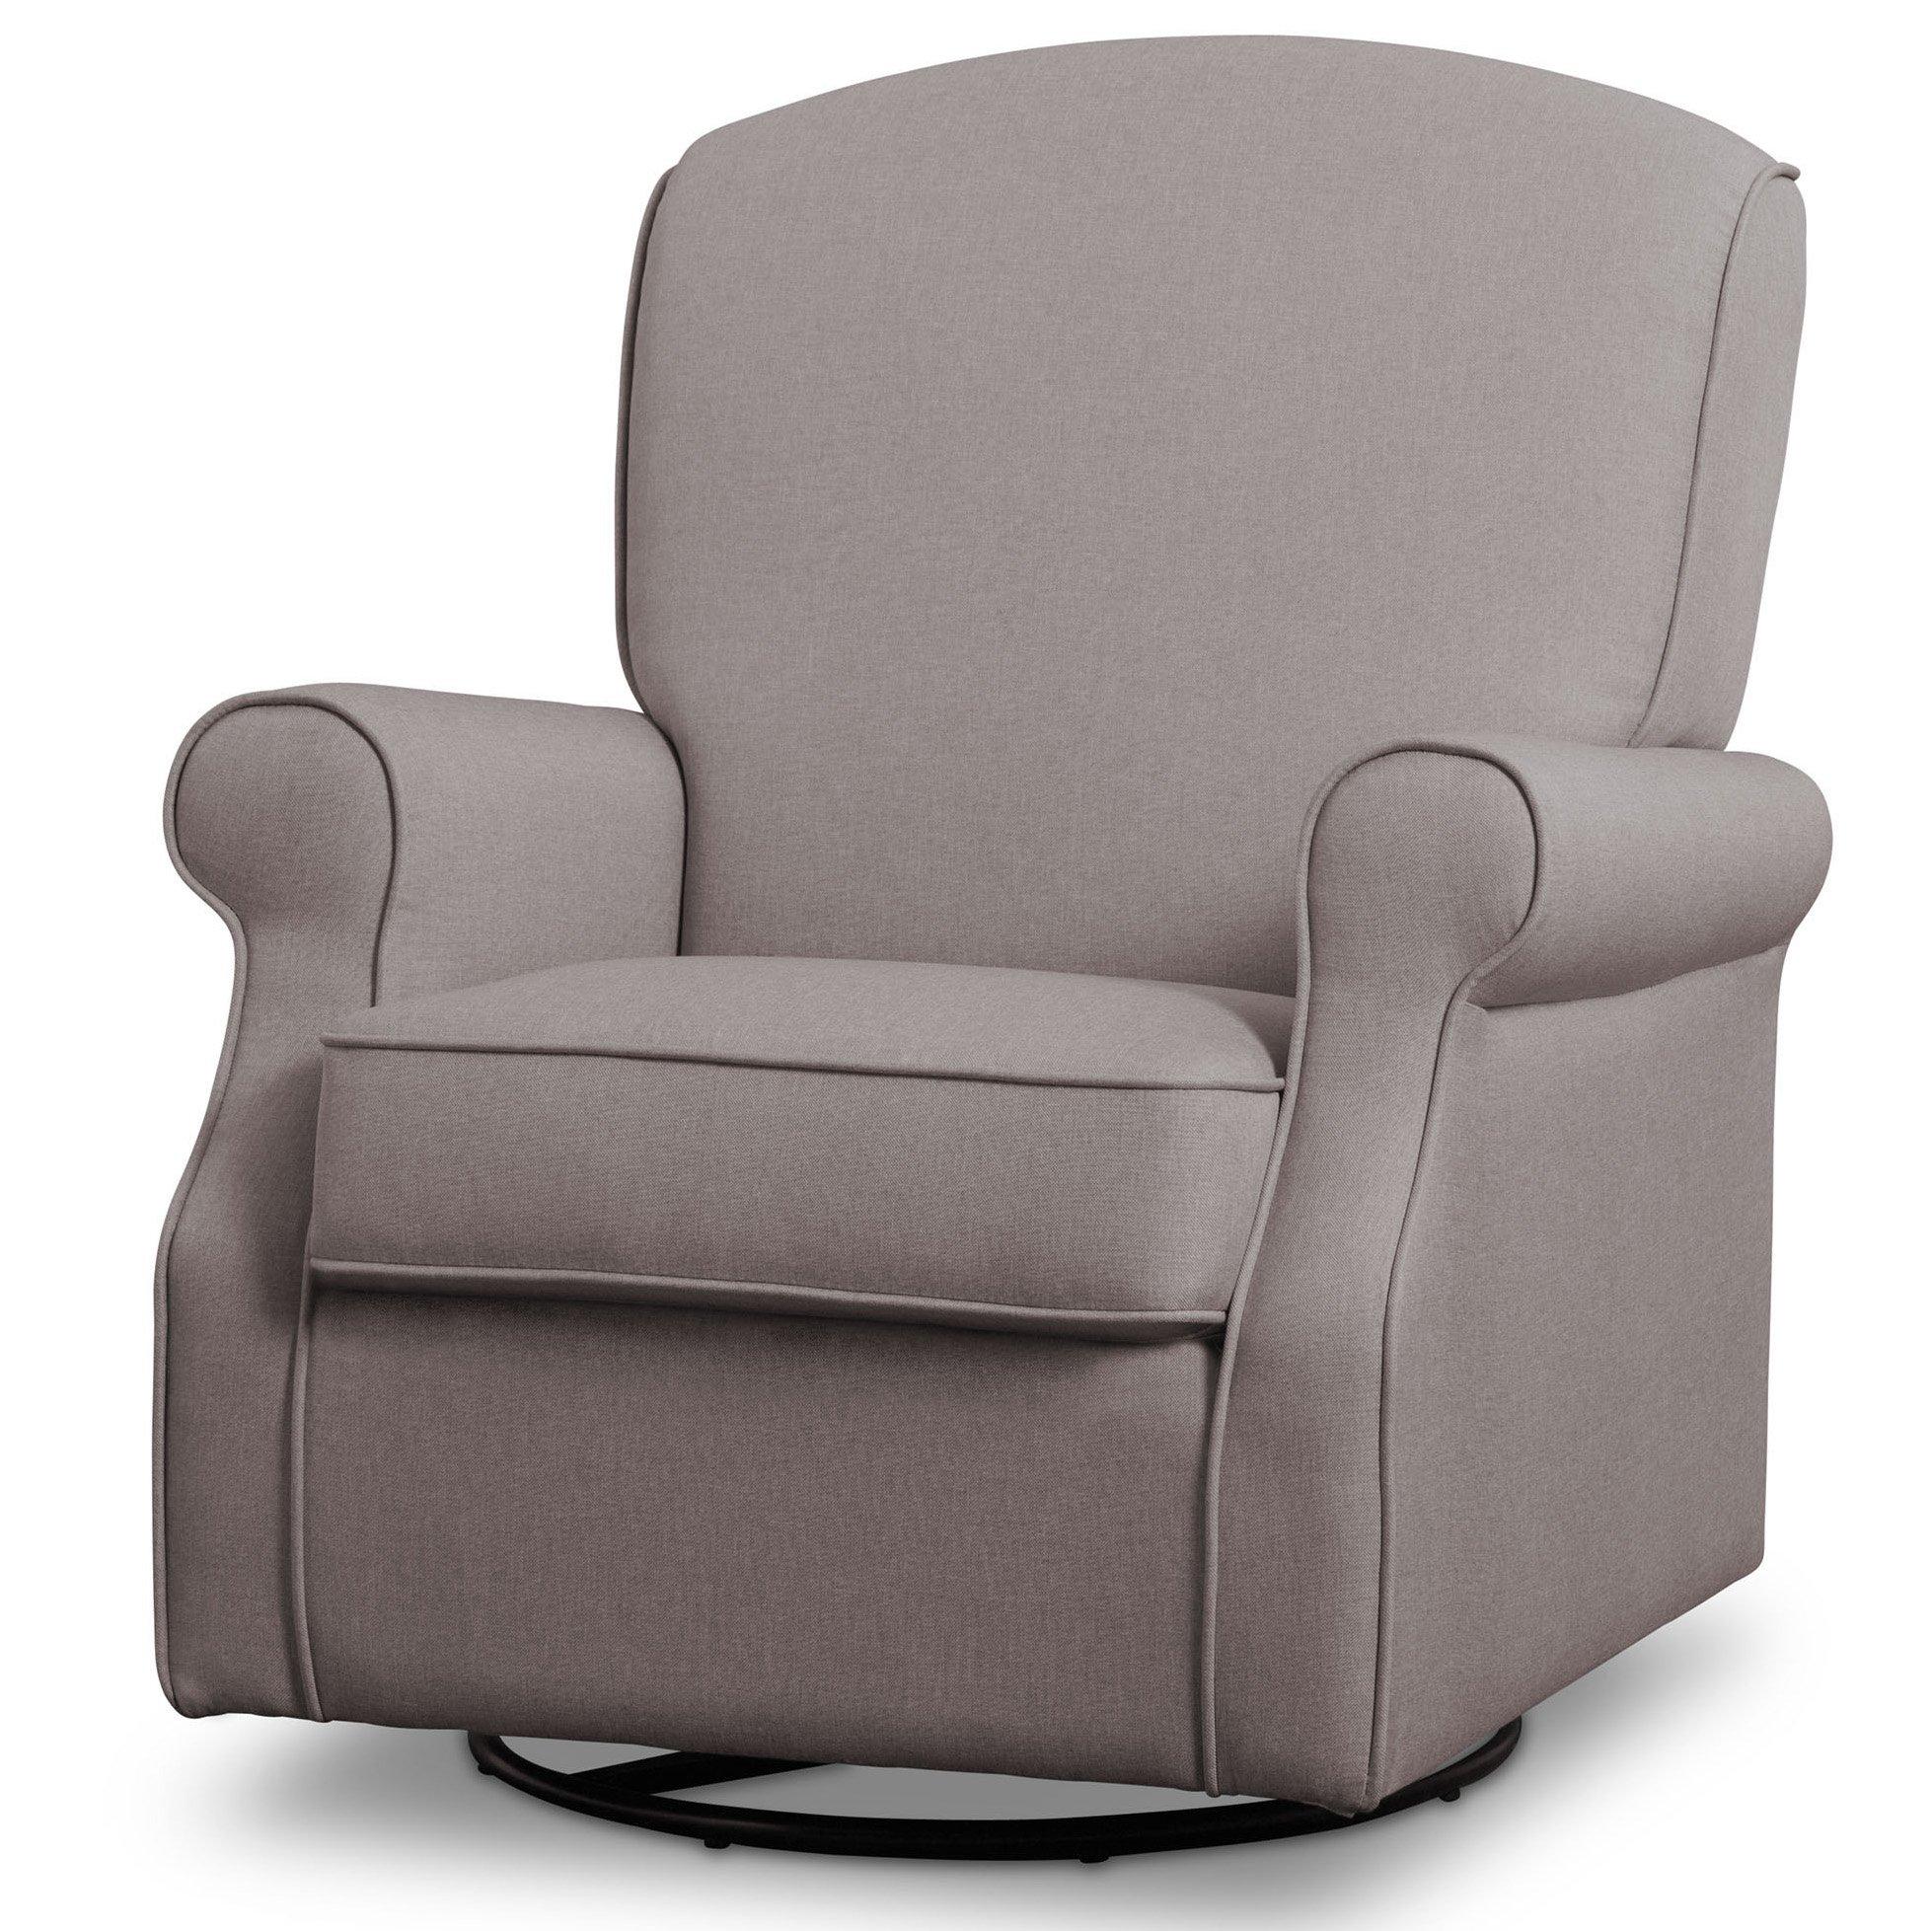 Delta Children Parker Nursery Glider Swivel Rocker Chair, Heather Grey